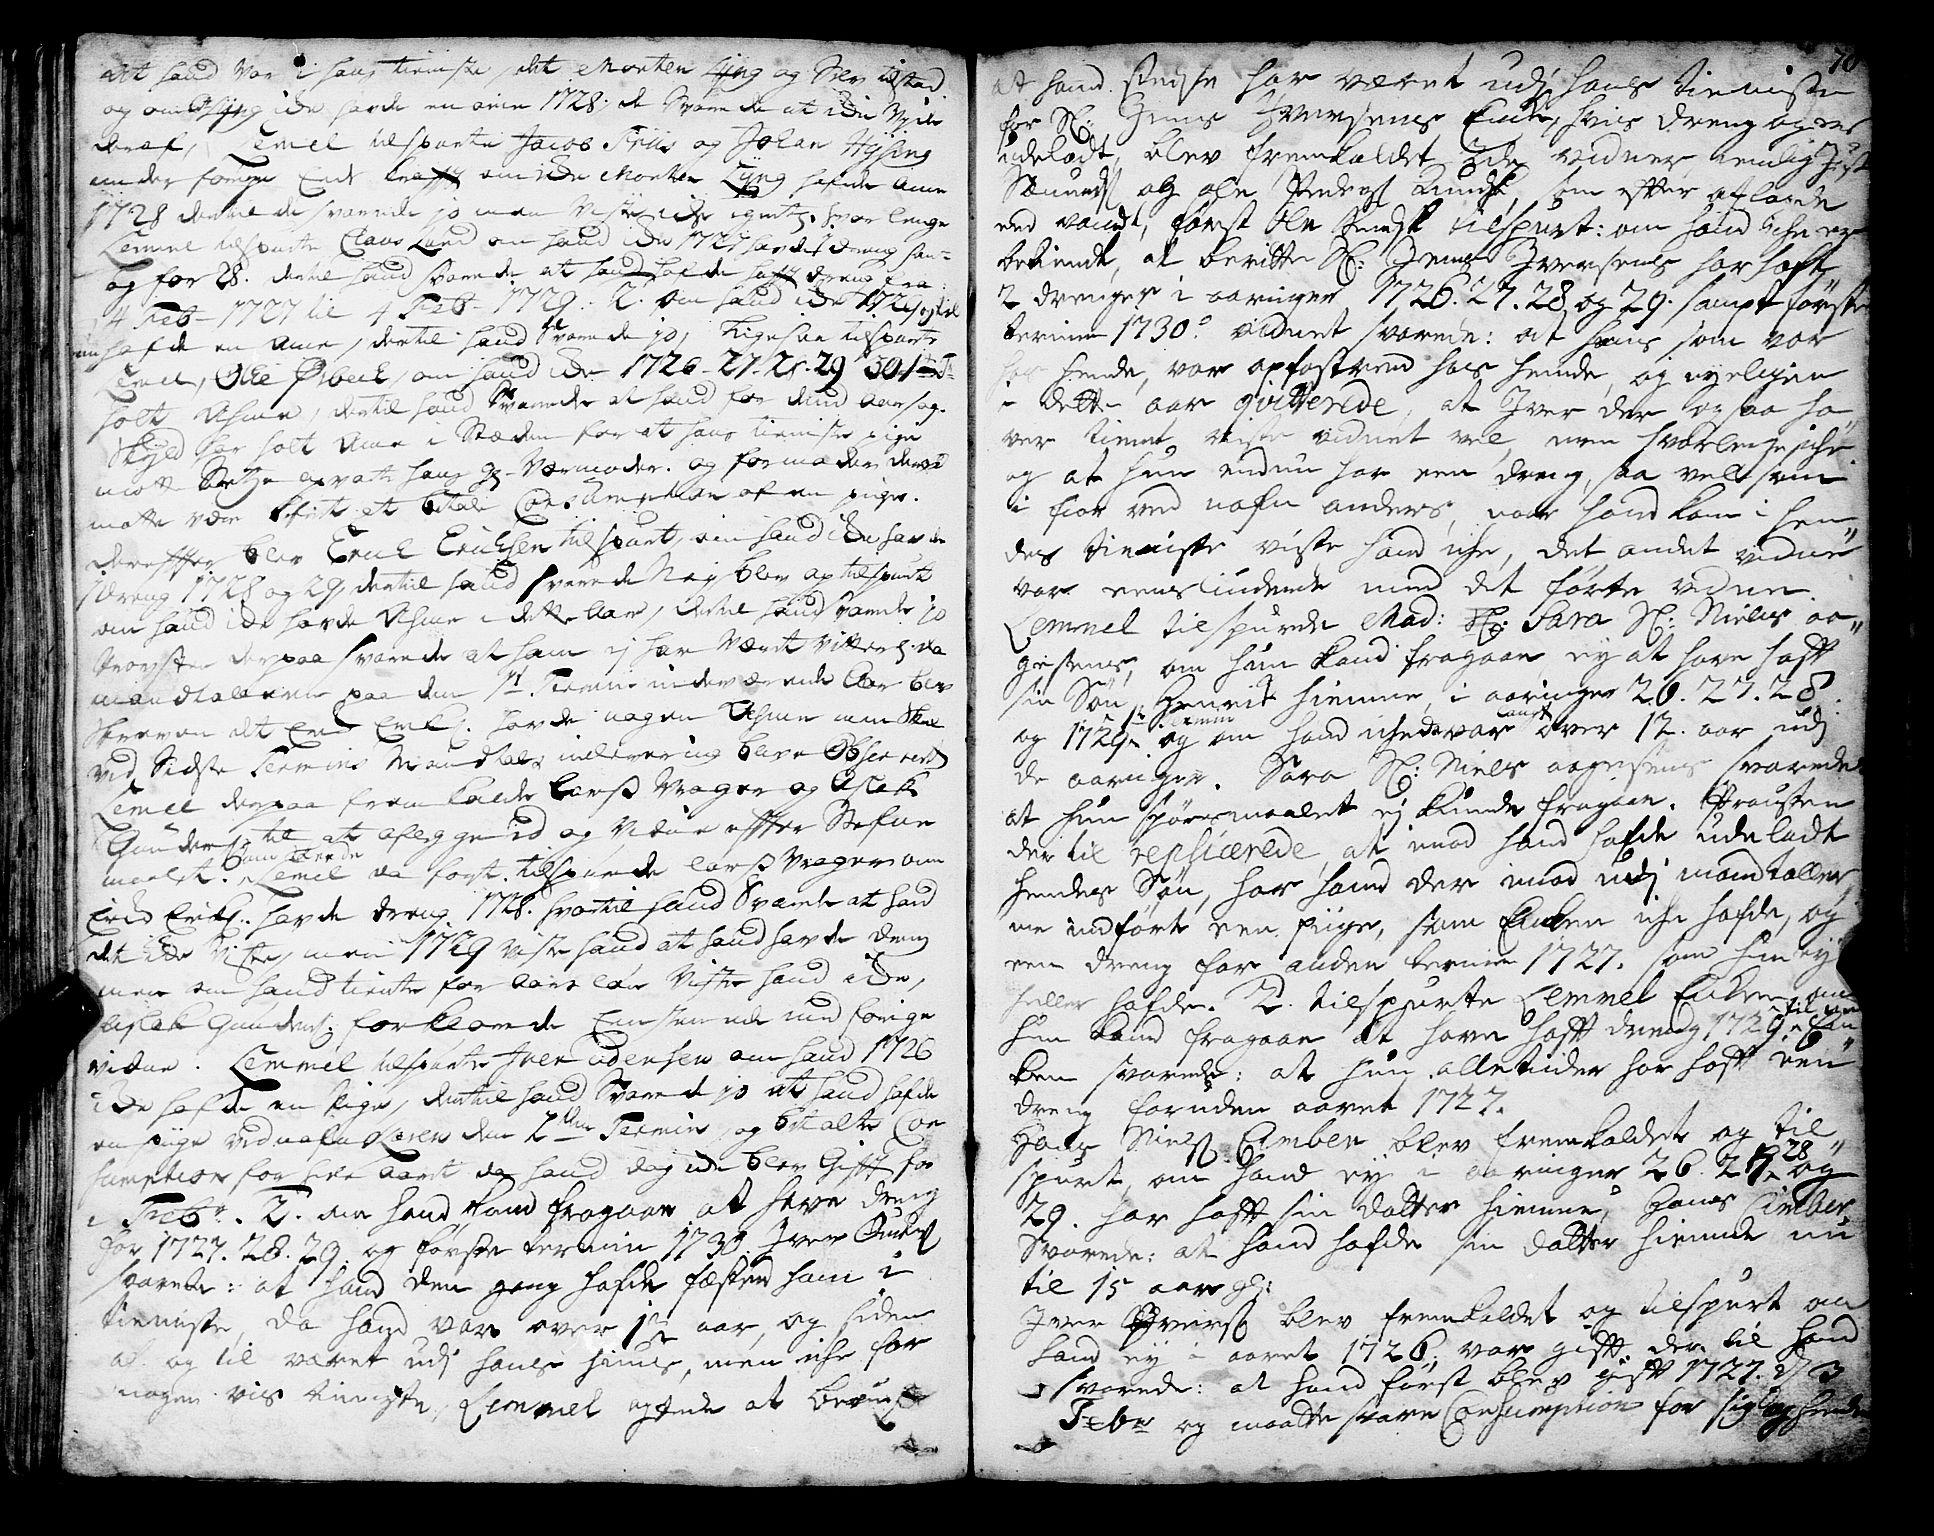 SAT, Romsdal sorenskriveri, 1/1A/L0010: Tingbok, 1728-1732, s. 78